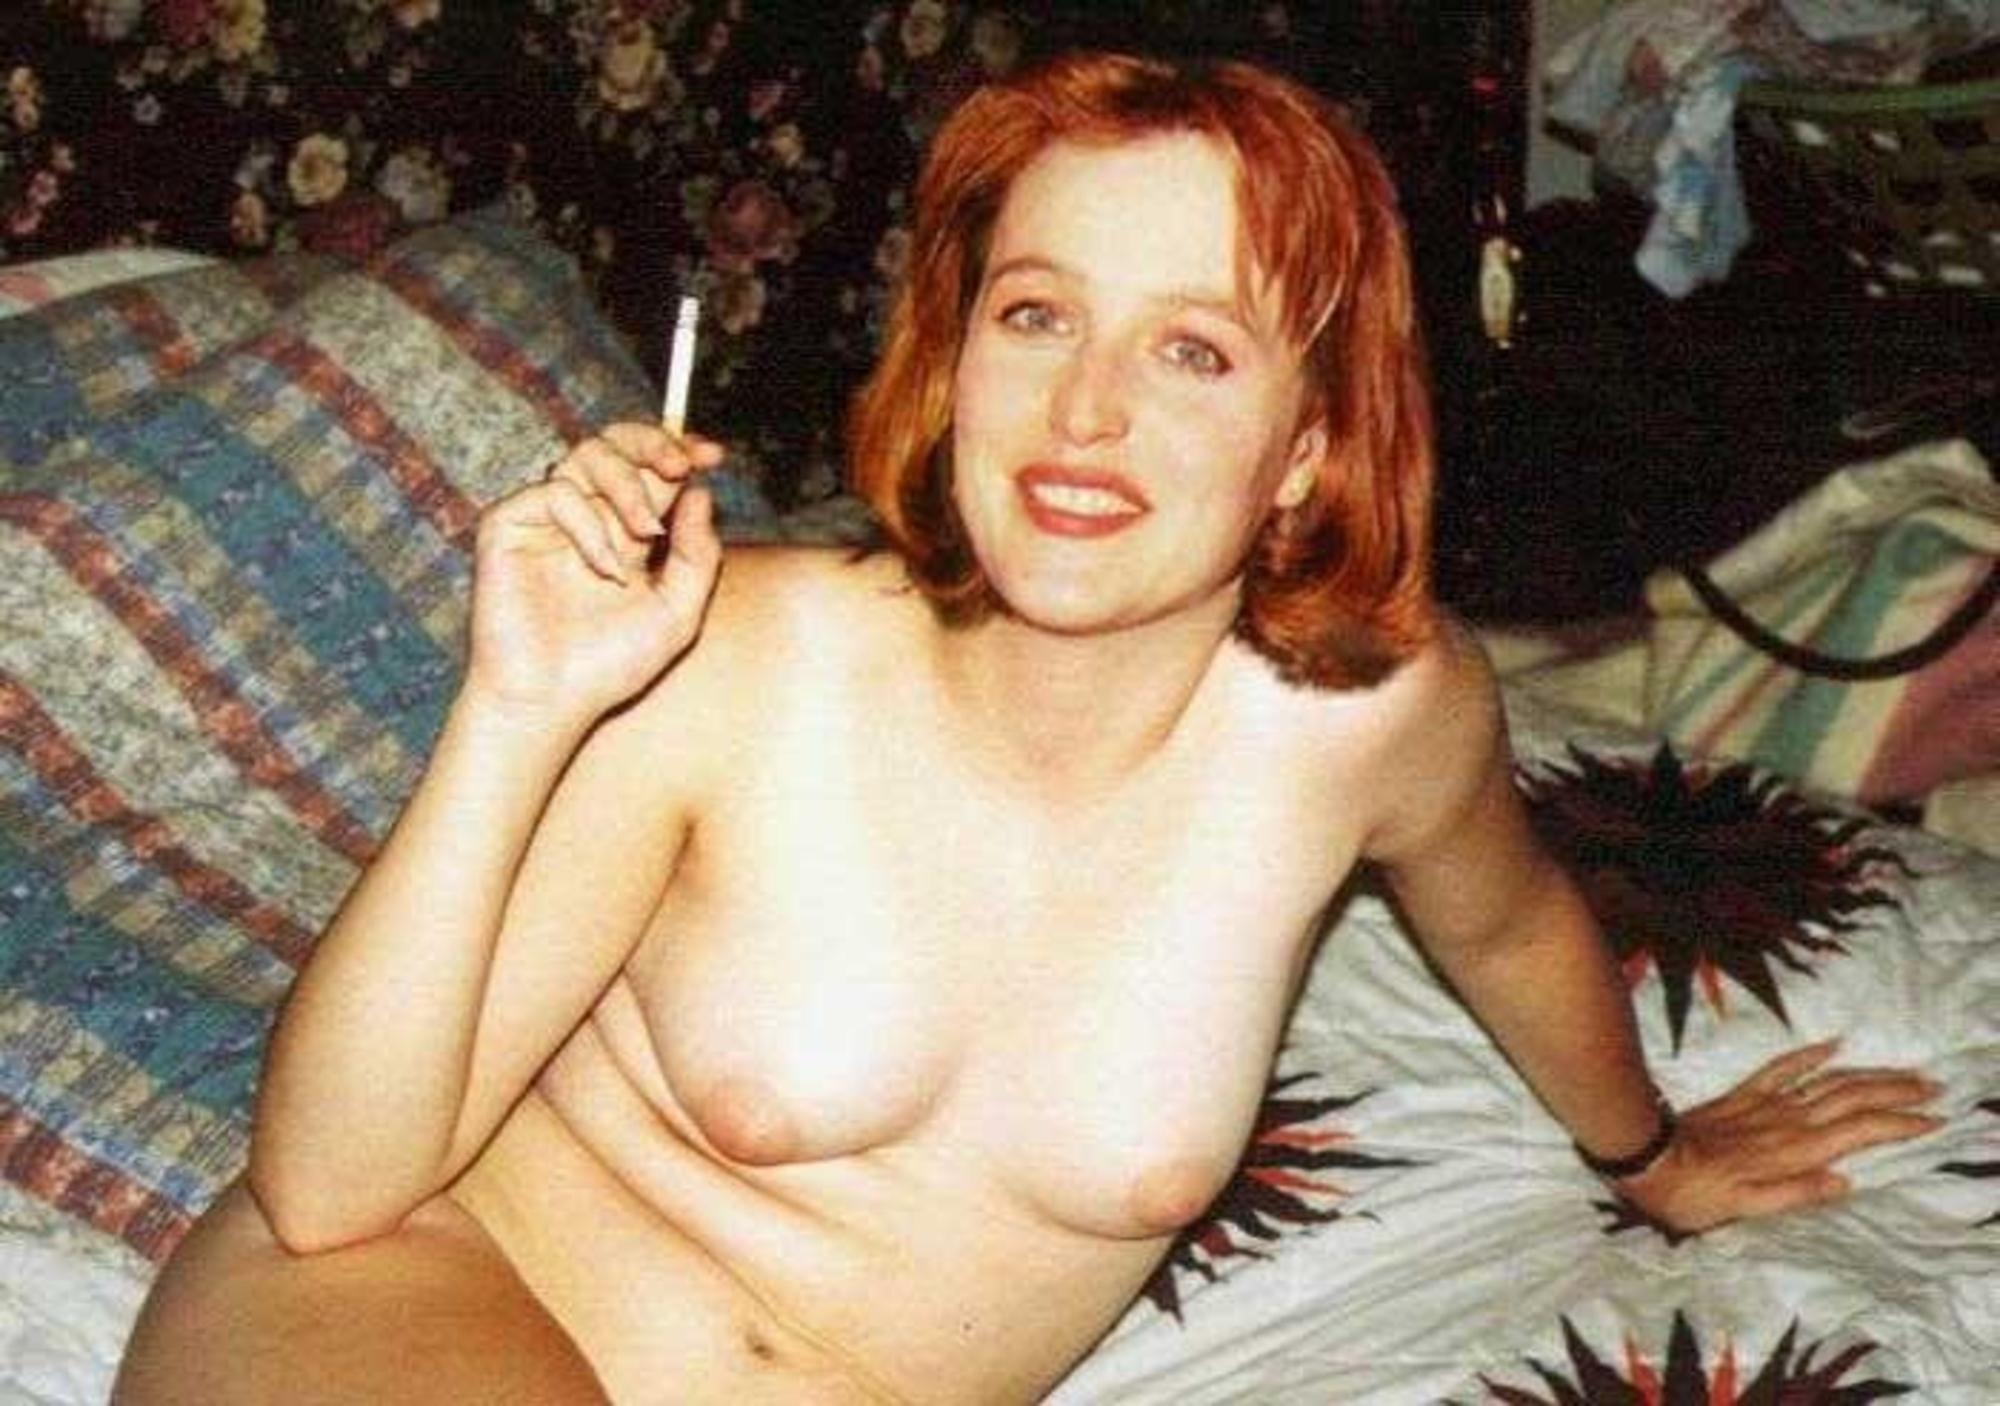 Смотреть порно с джиллиан андерсон 19 фотография